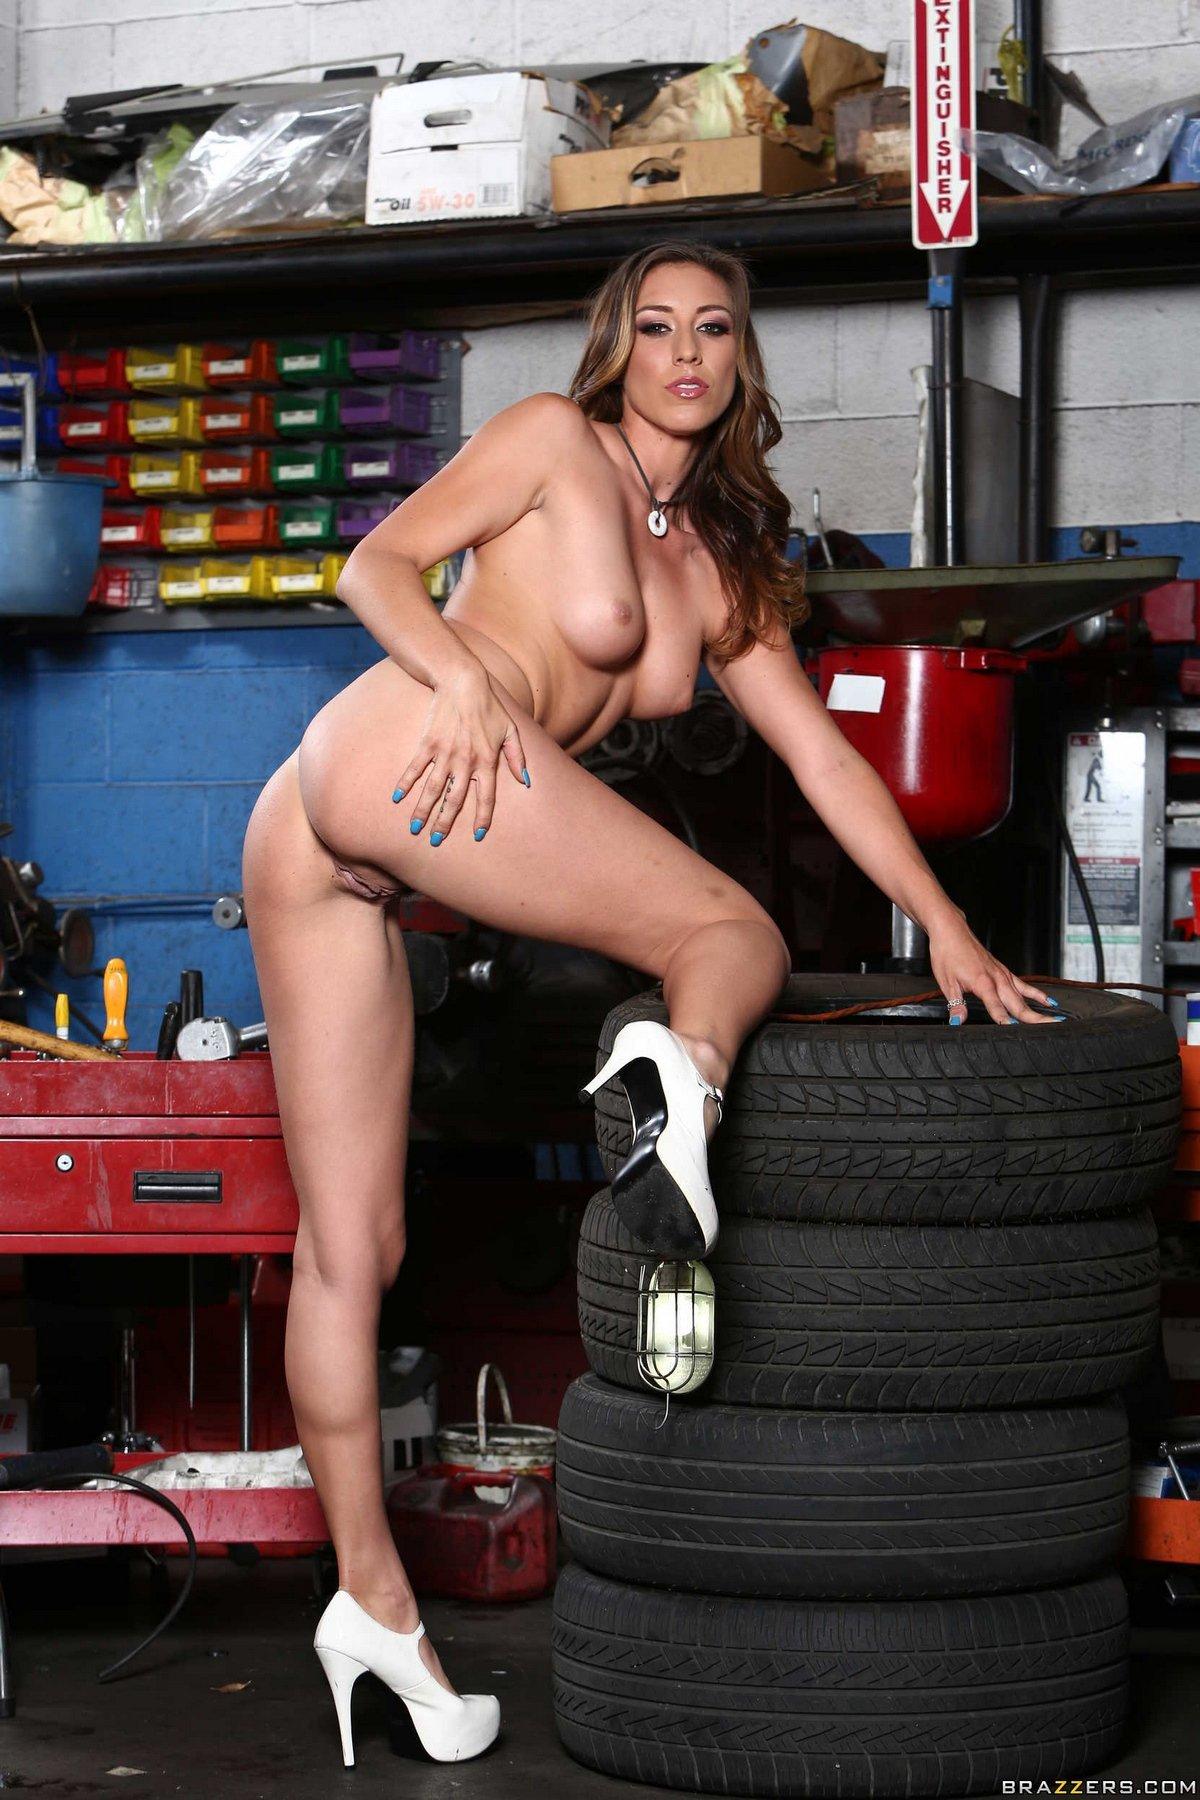 Клубничка раздетой Priya Price в гараже